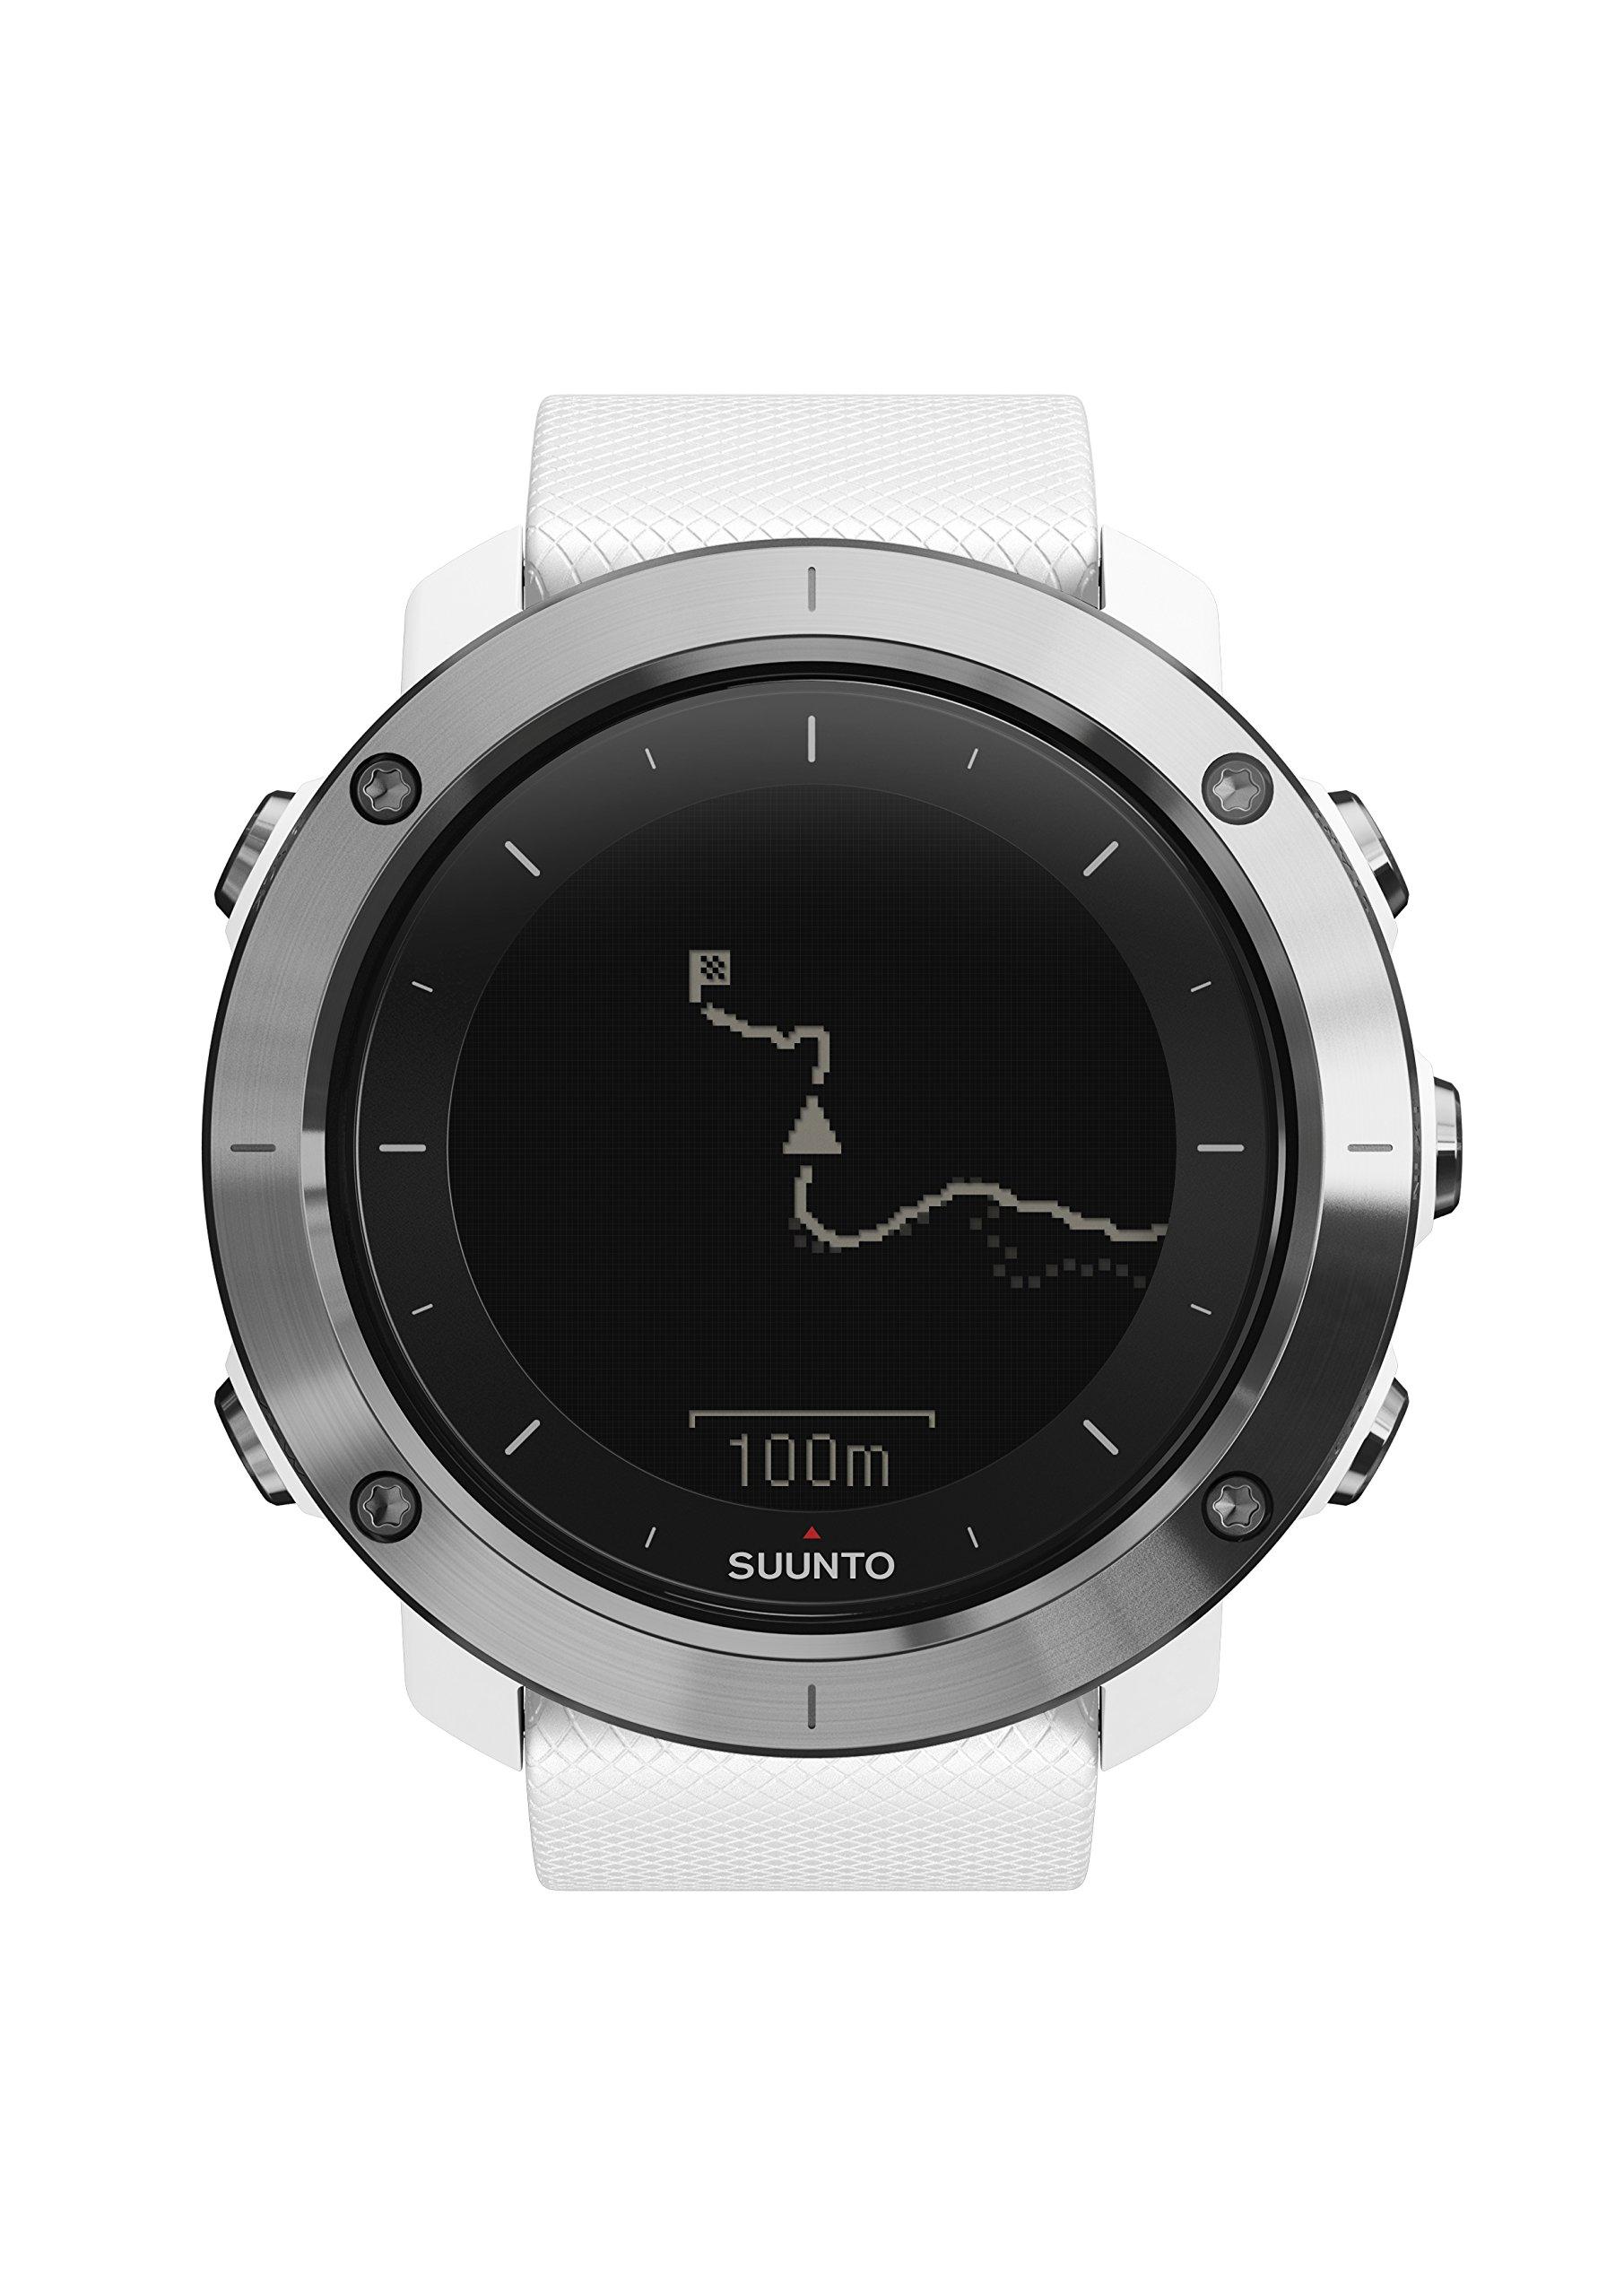 Suunto - Traverse - SS021842000 - Reloj GPS Outdoor para excursionismo y senderismo - Sumergible -